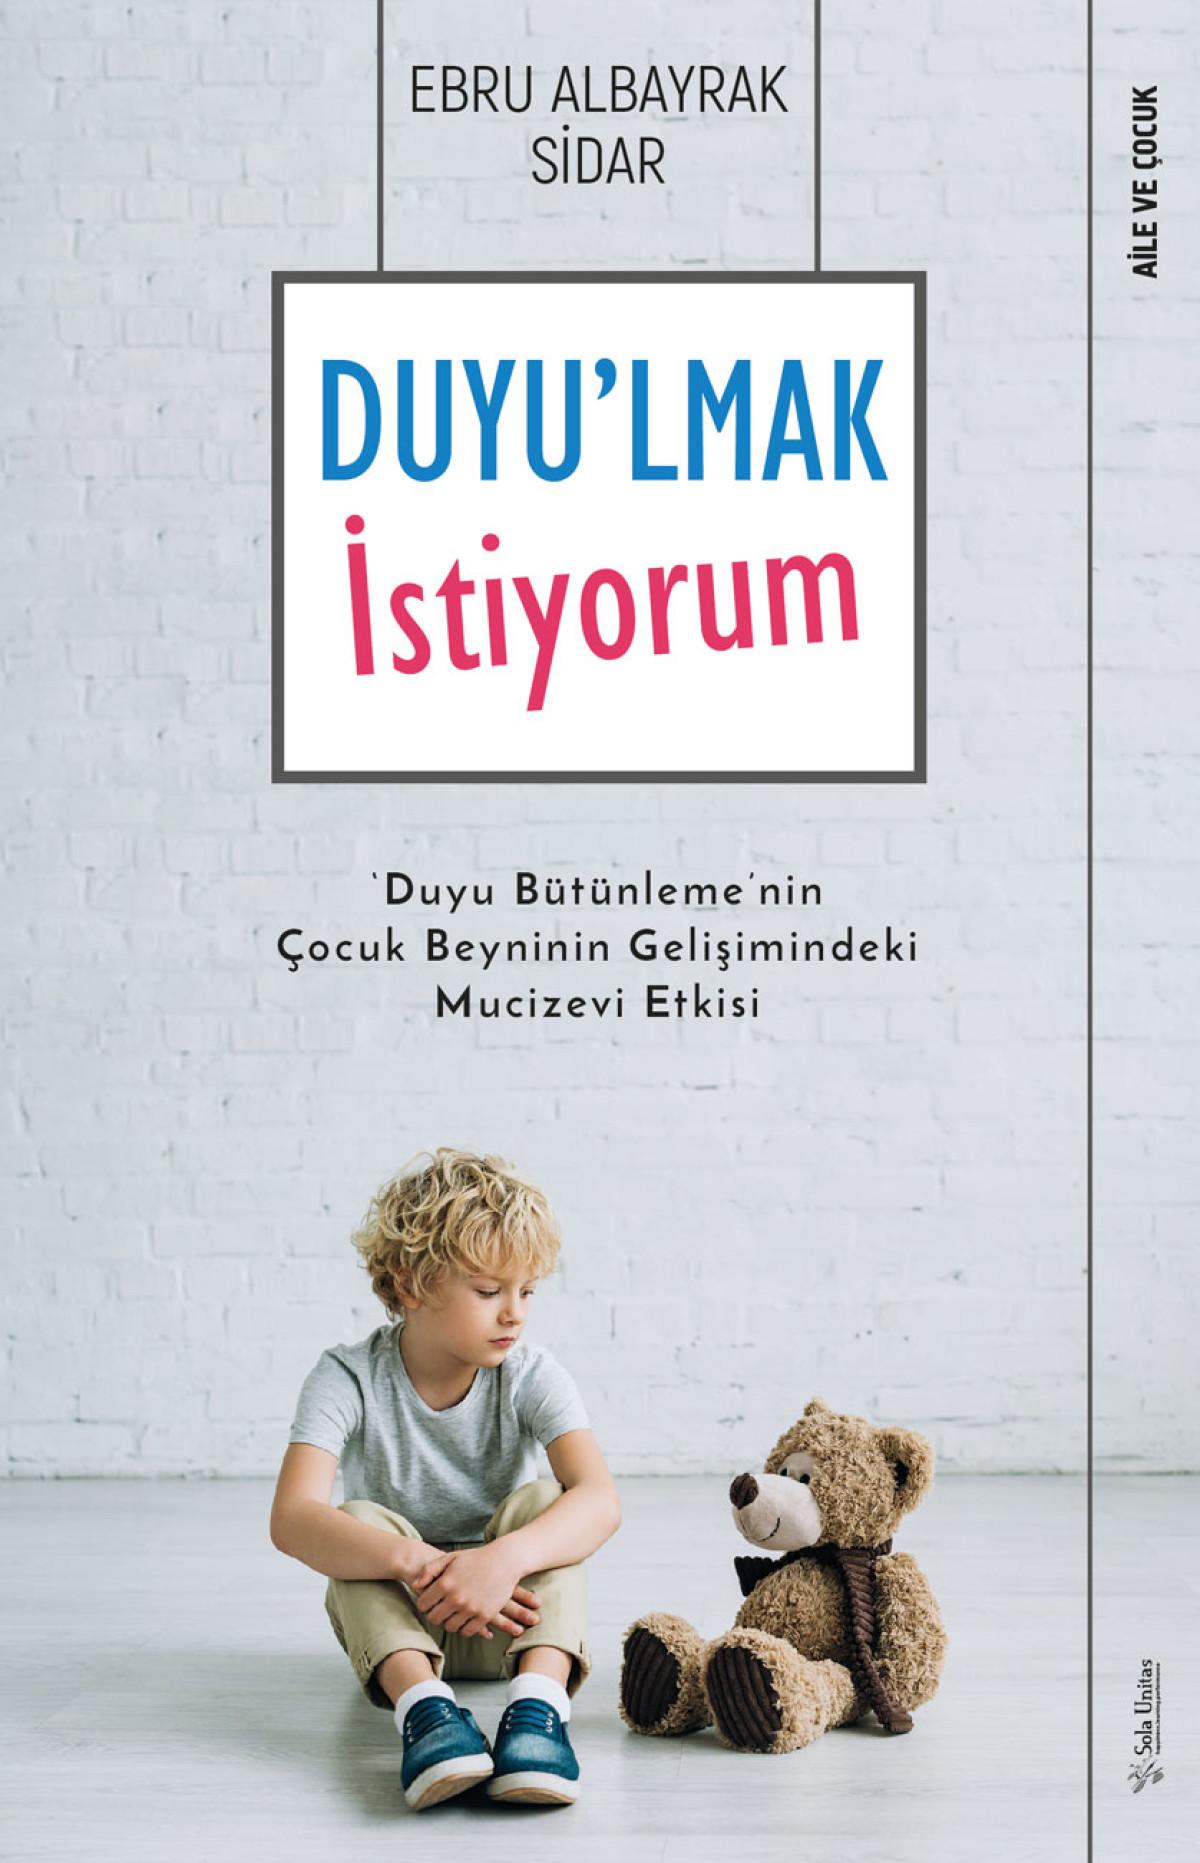 Türkiye'de ilk defa duyu bütünleme konusunda bir k...